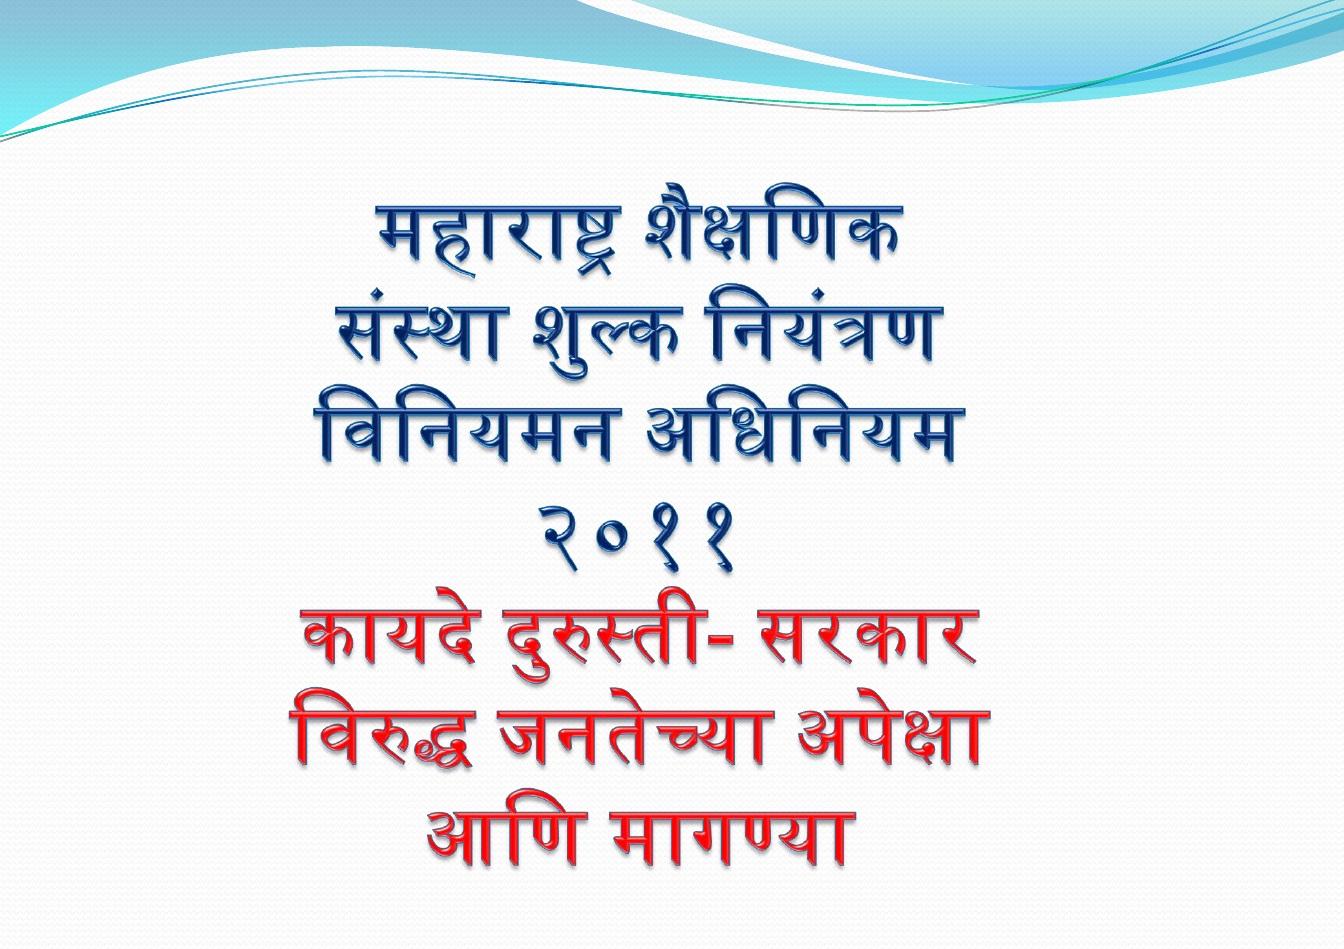 महाराष्ट्र शैक्षणिक संस्था शुल्क नियंत्रण विनियमन अधिनियम २०११ सुधारणा-जनतेच्या अपेक्षा आणि मागण्या.